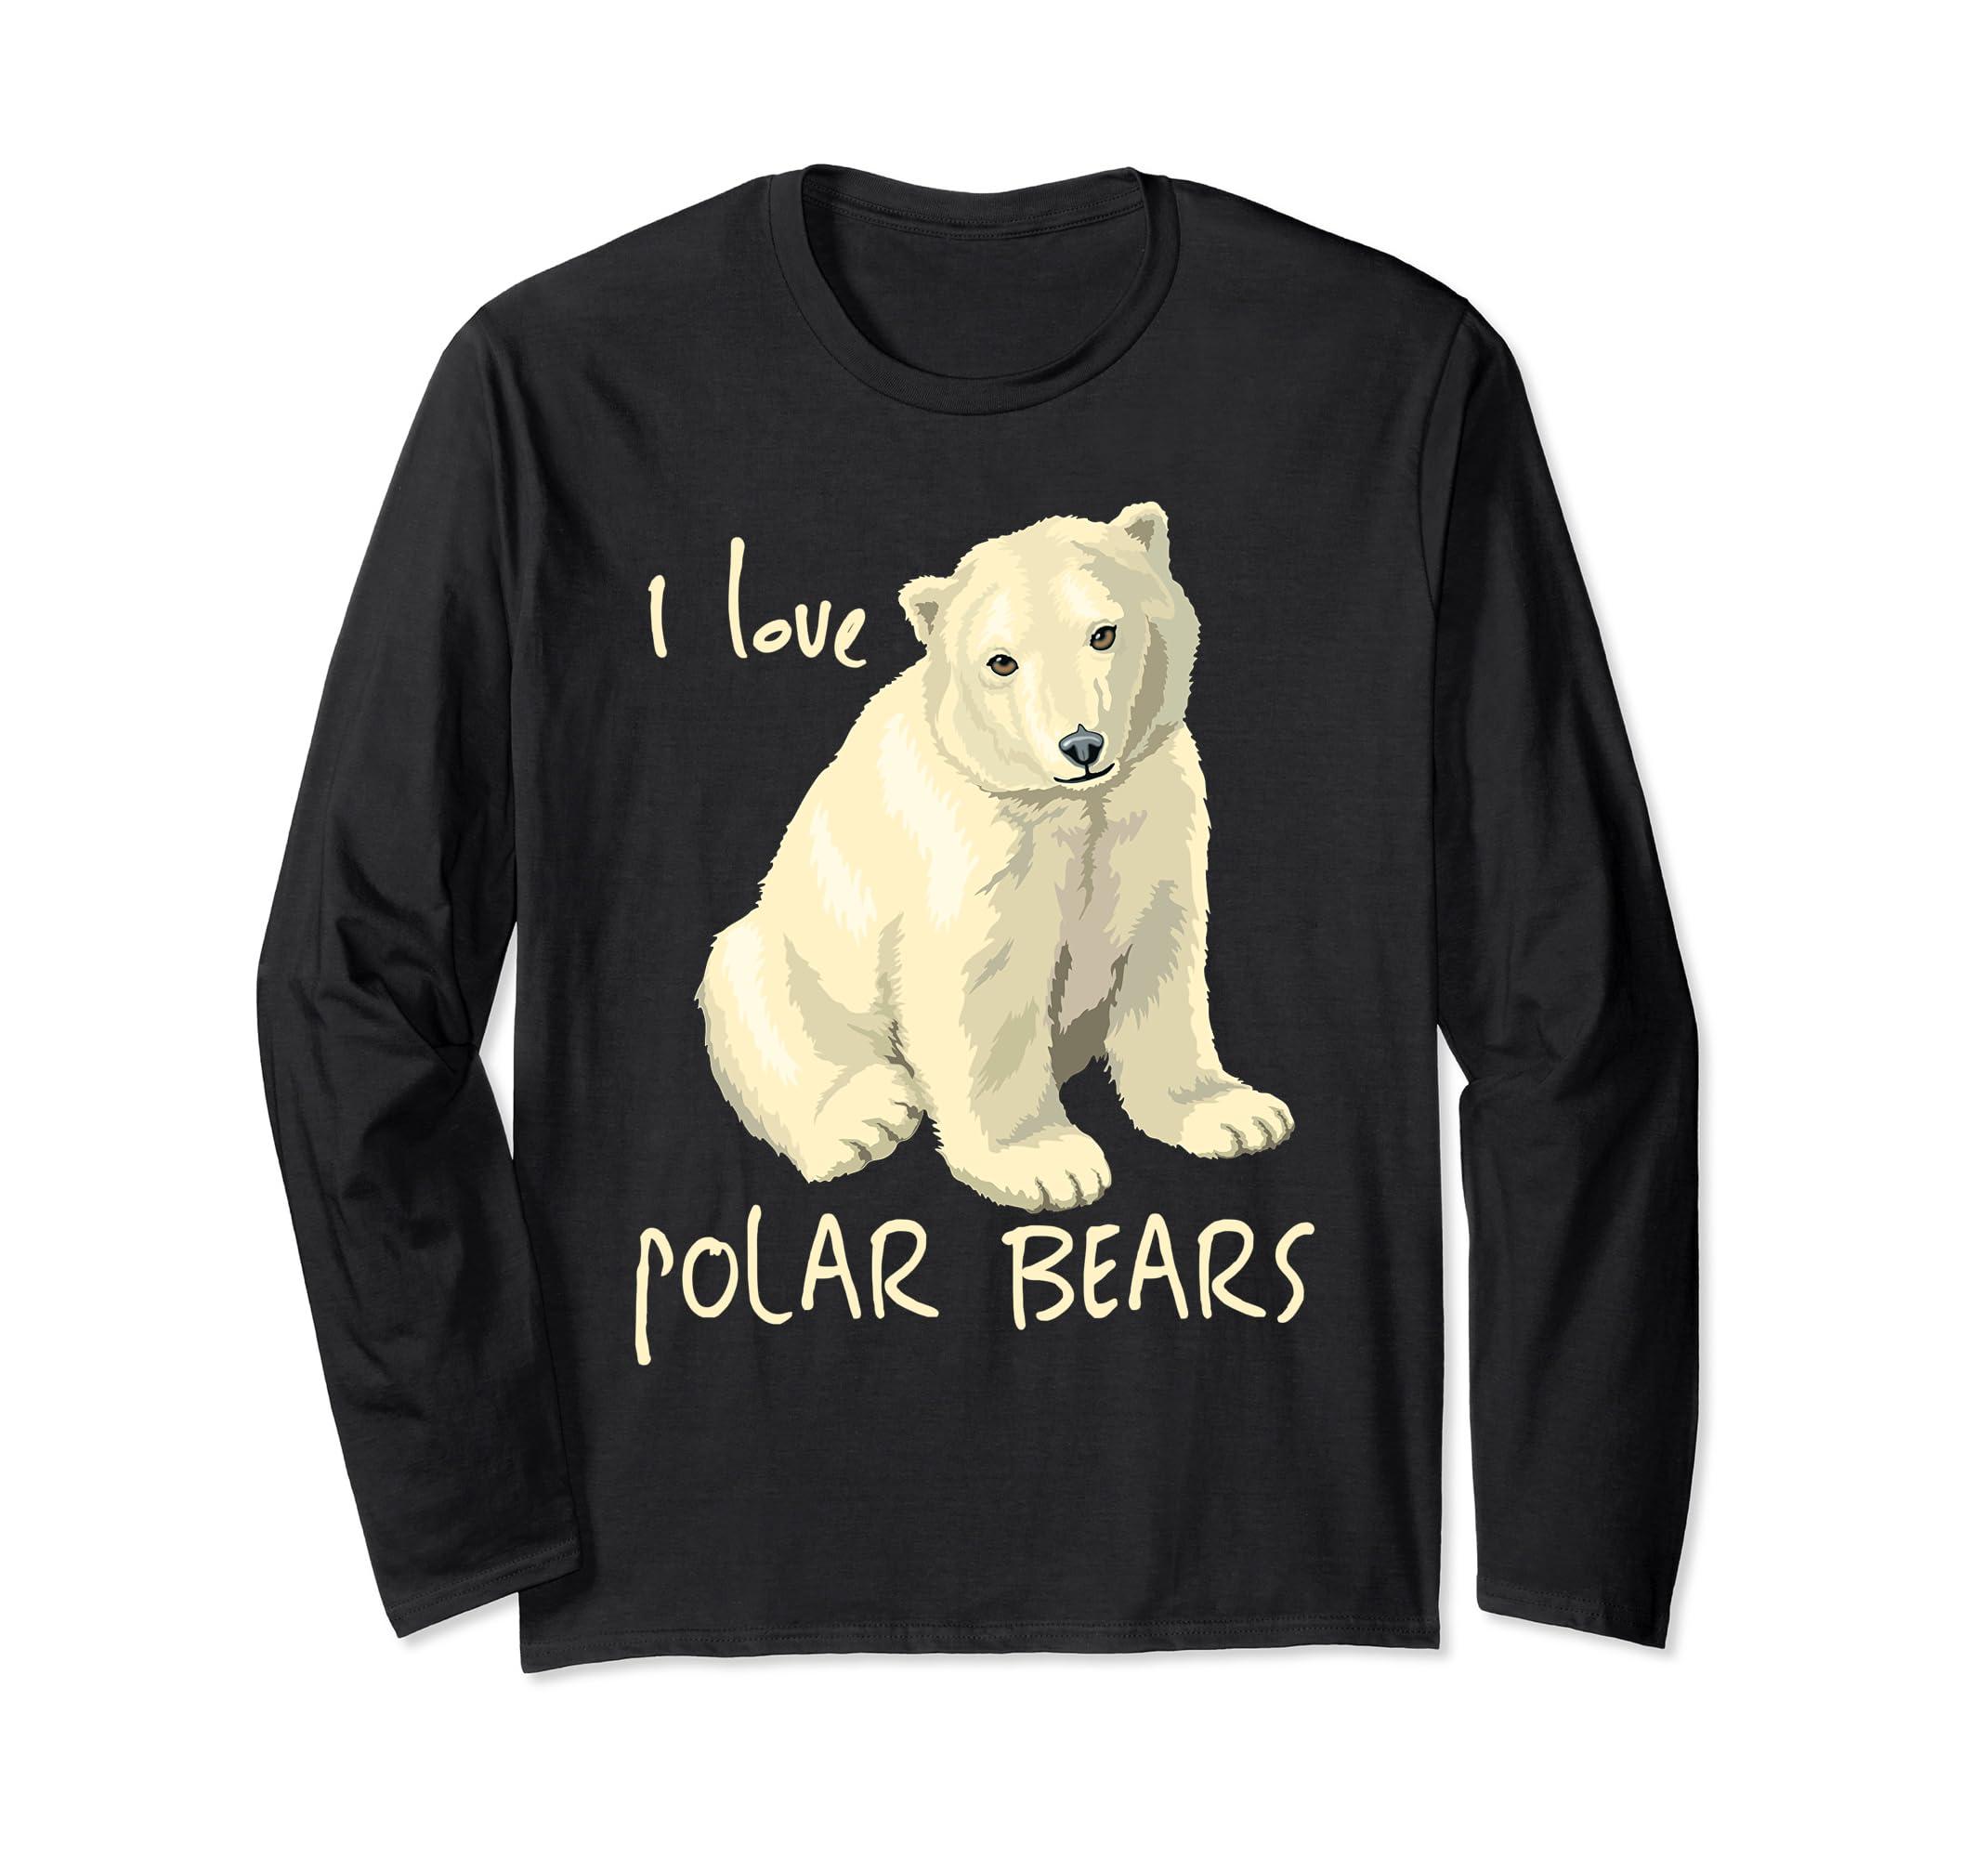 Cute Polar Bear Shirt I Love Polar Bears Long Sleeve Tee Top-Bawle